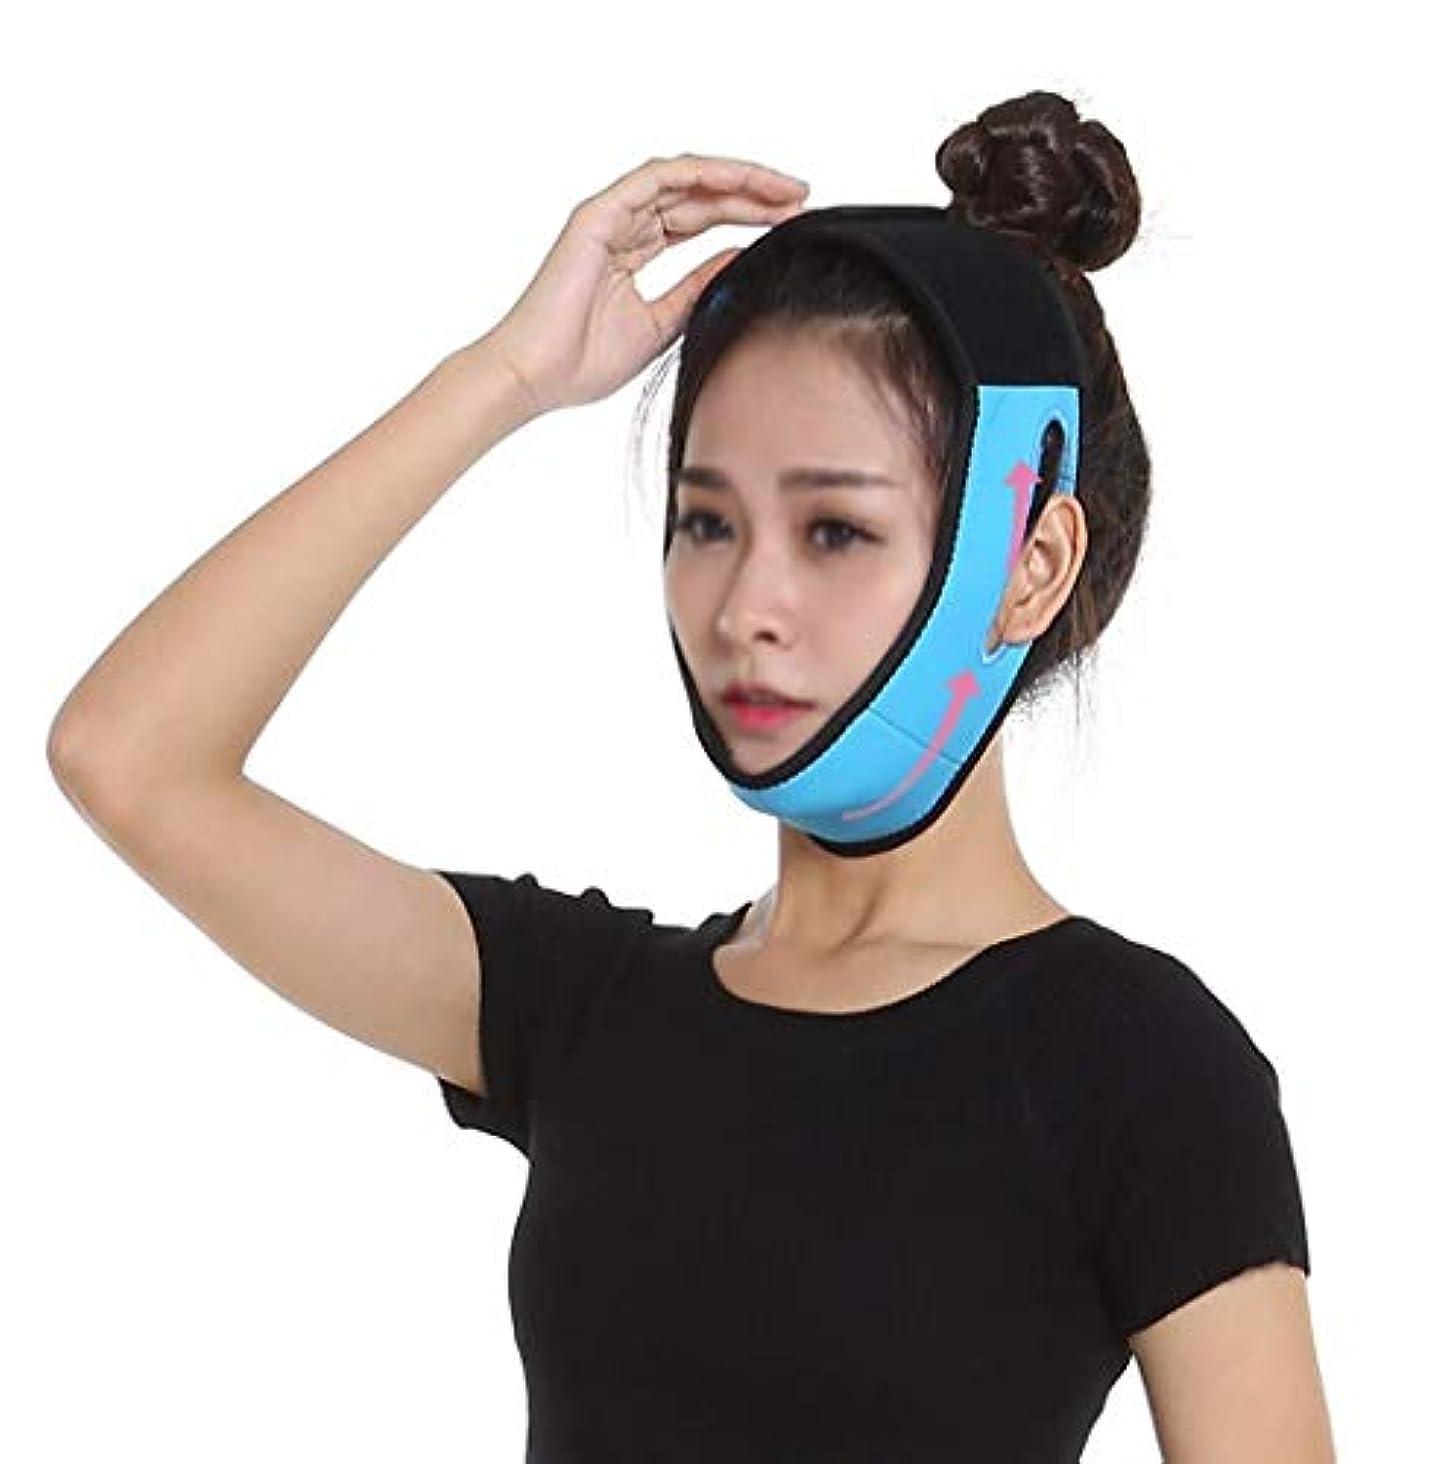 ロードハウス無視する尊厳スリミングベルト、フェイスマスクVフェイスアーティファクトマッサージマスクは、あごの筋肉の収縮を強化し、Vフェイスリフトを簡単に形成するタイトな青い包帯